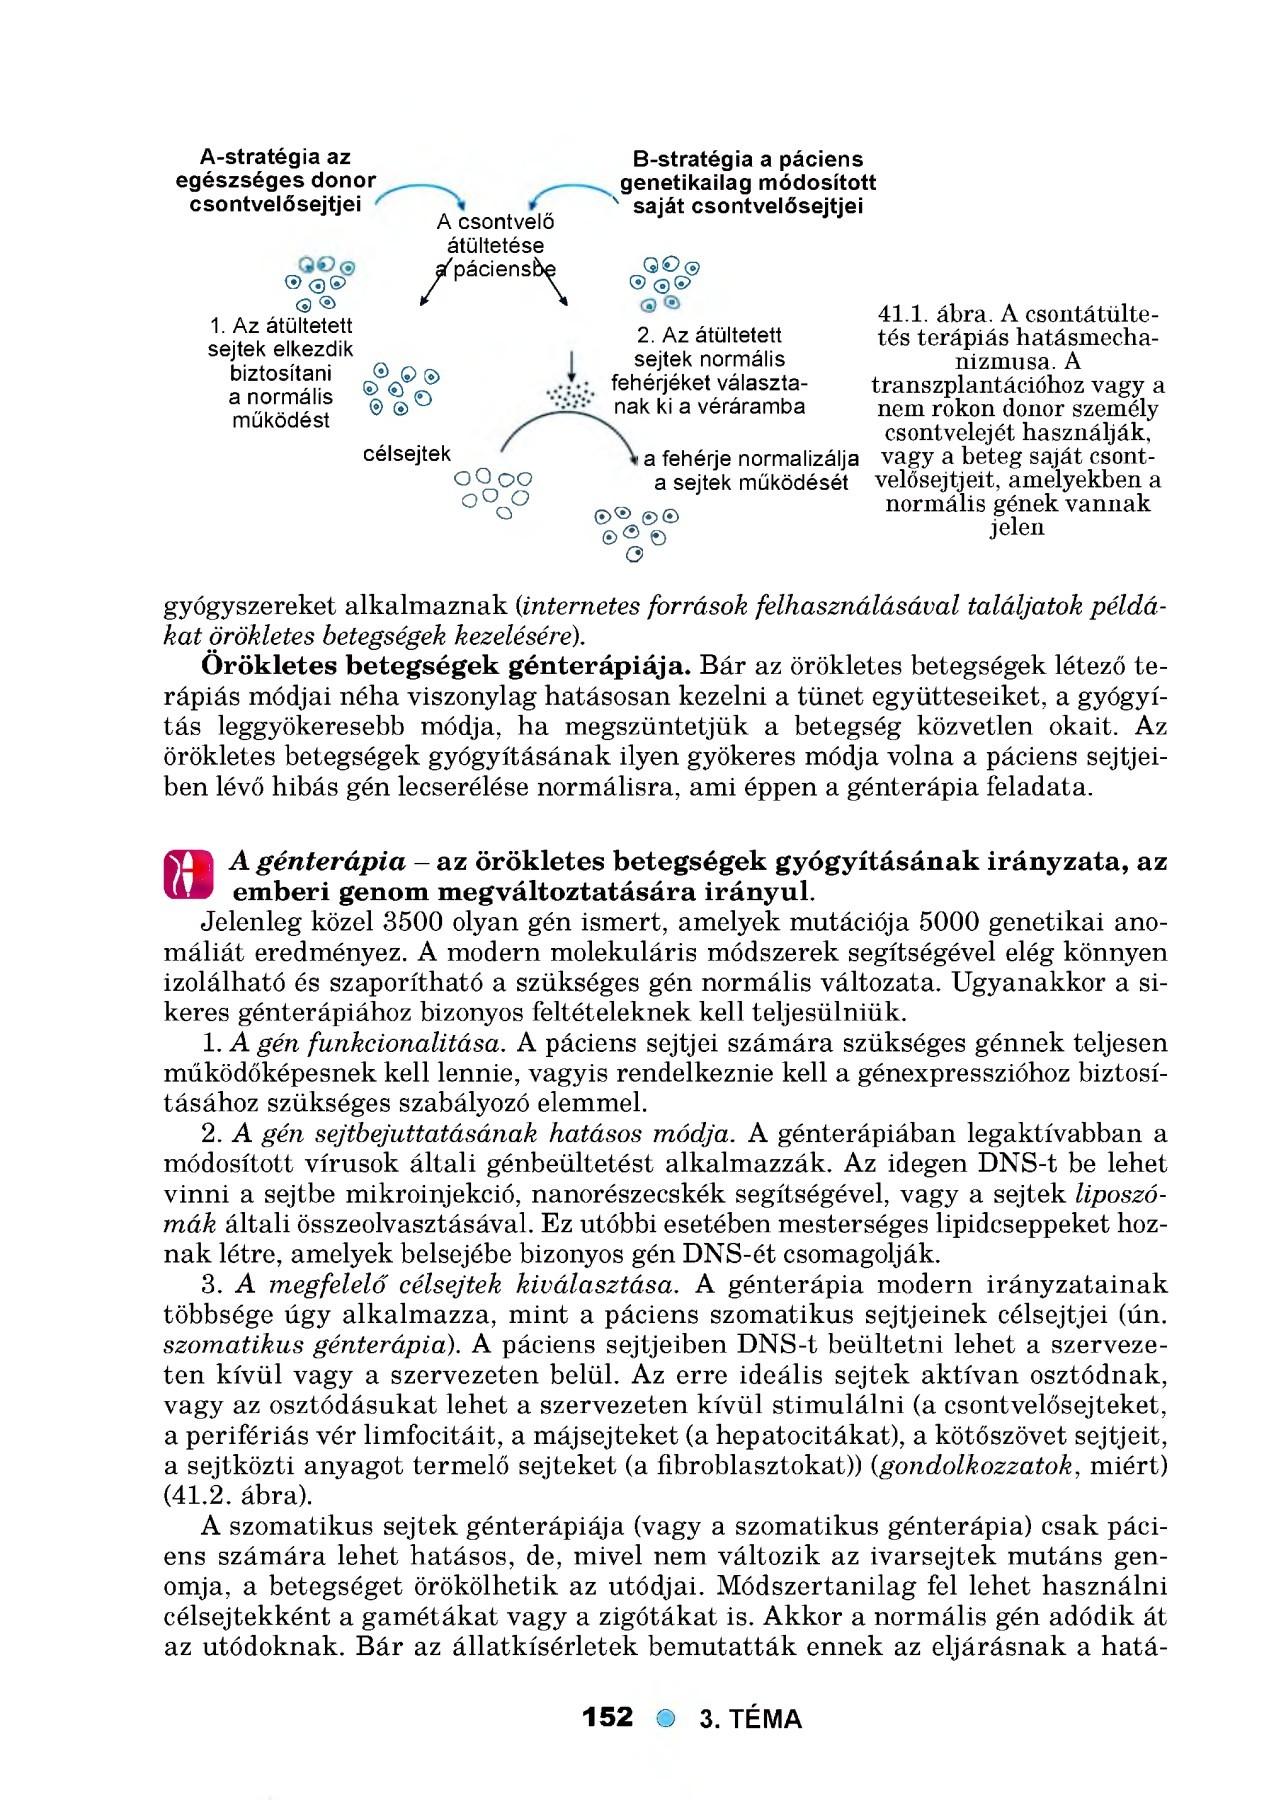 Aschelminthes betegségek - jazzpub.hu